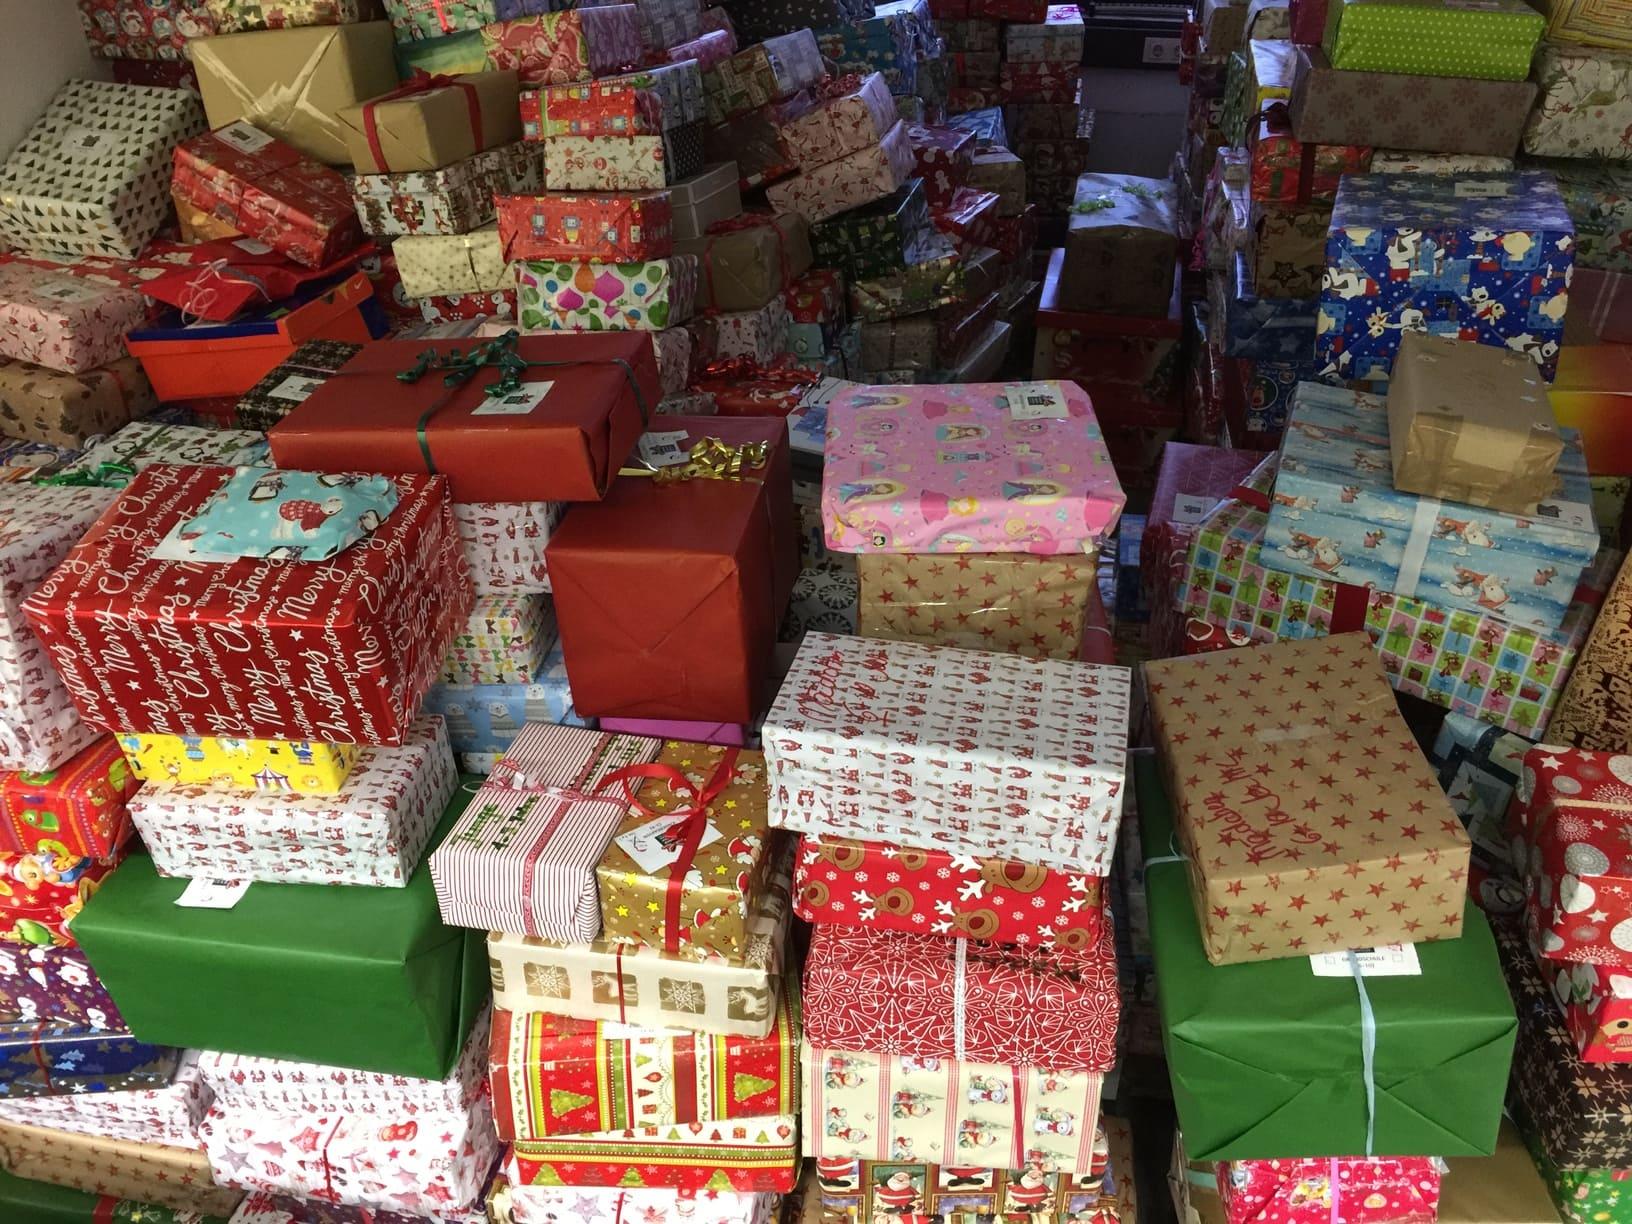 Weihnachtspäckchenkonvoi 2016: Tausende Pakete im Möbellager